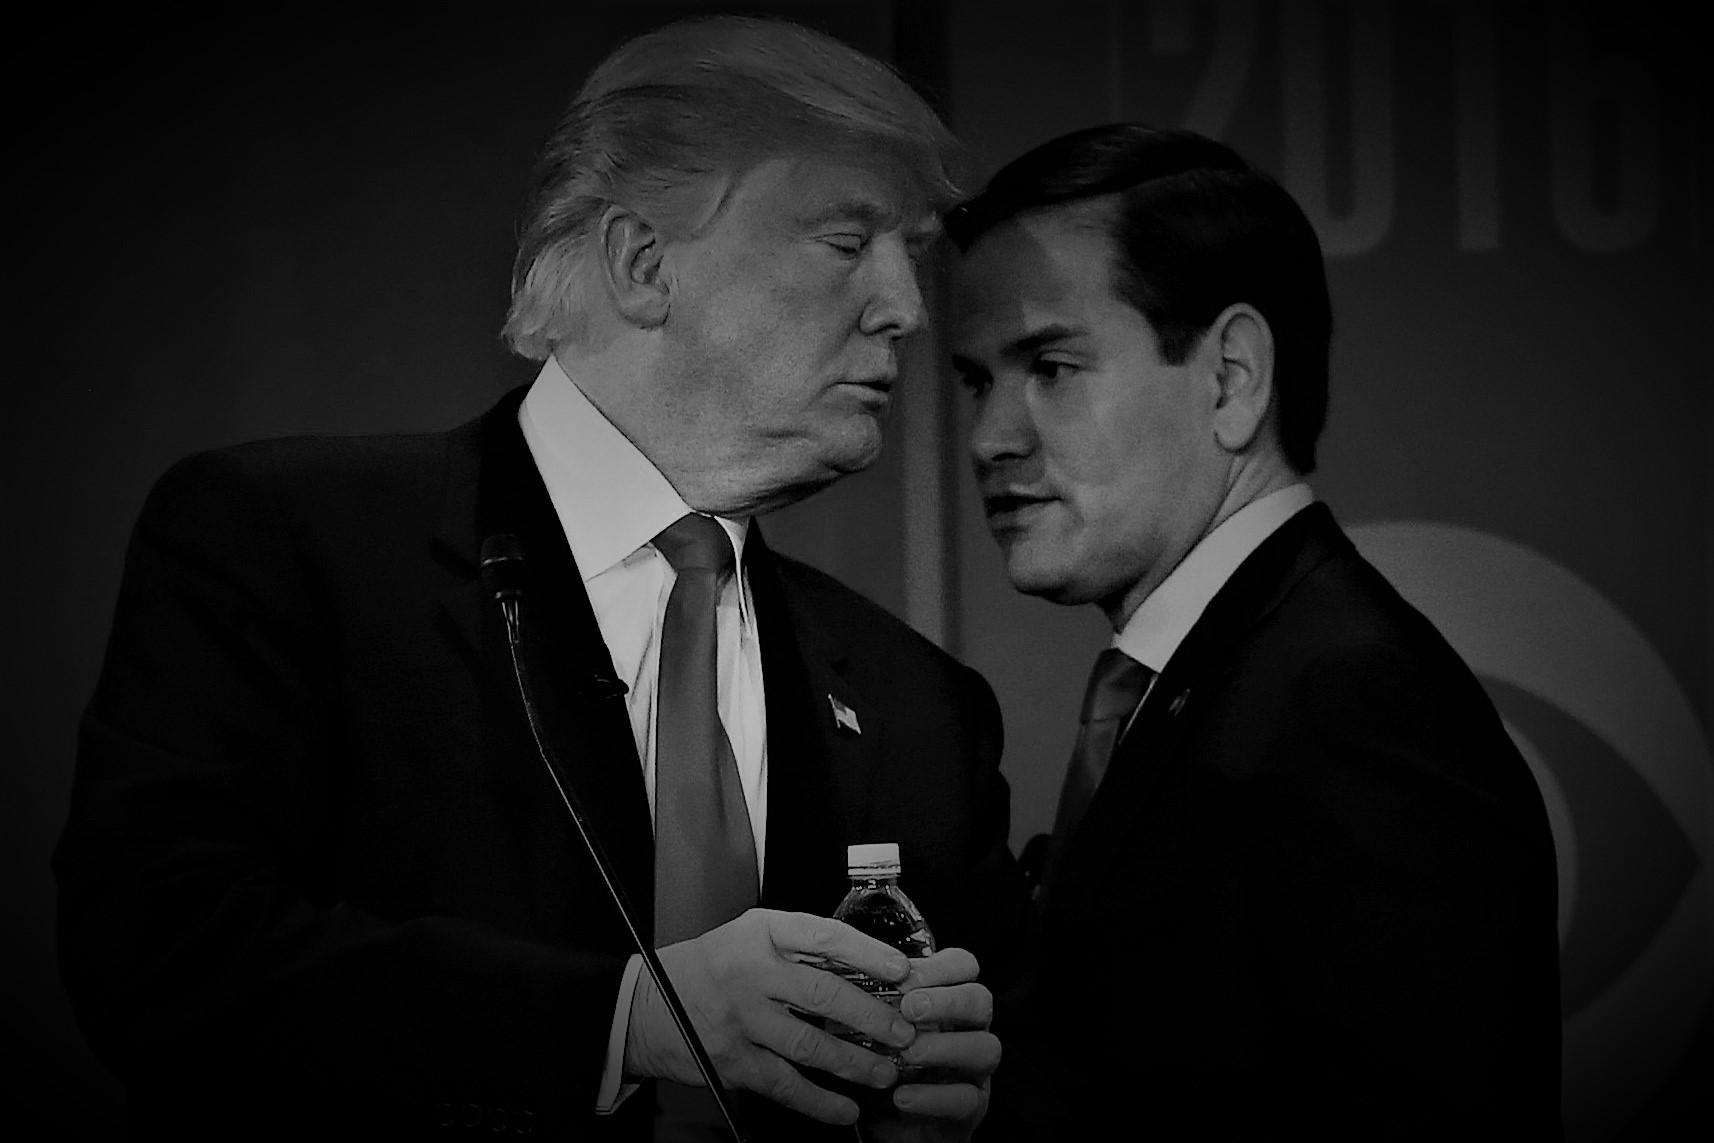 La proposition insolite de Marco Rubio pour «protéger» les Vénézuéliens aux États-Unis